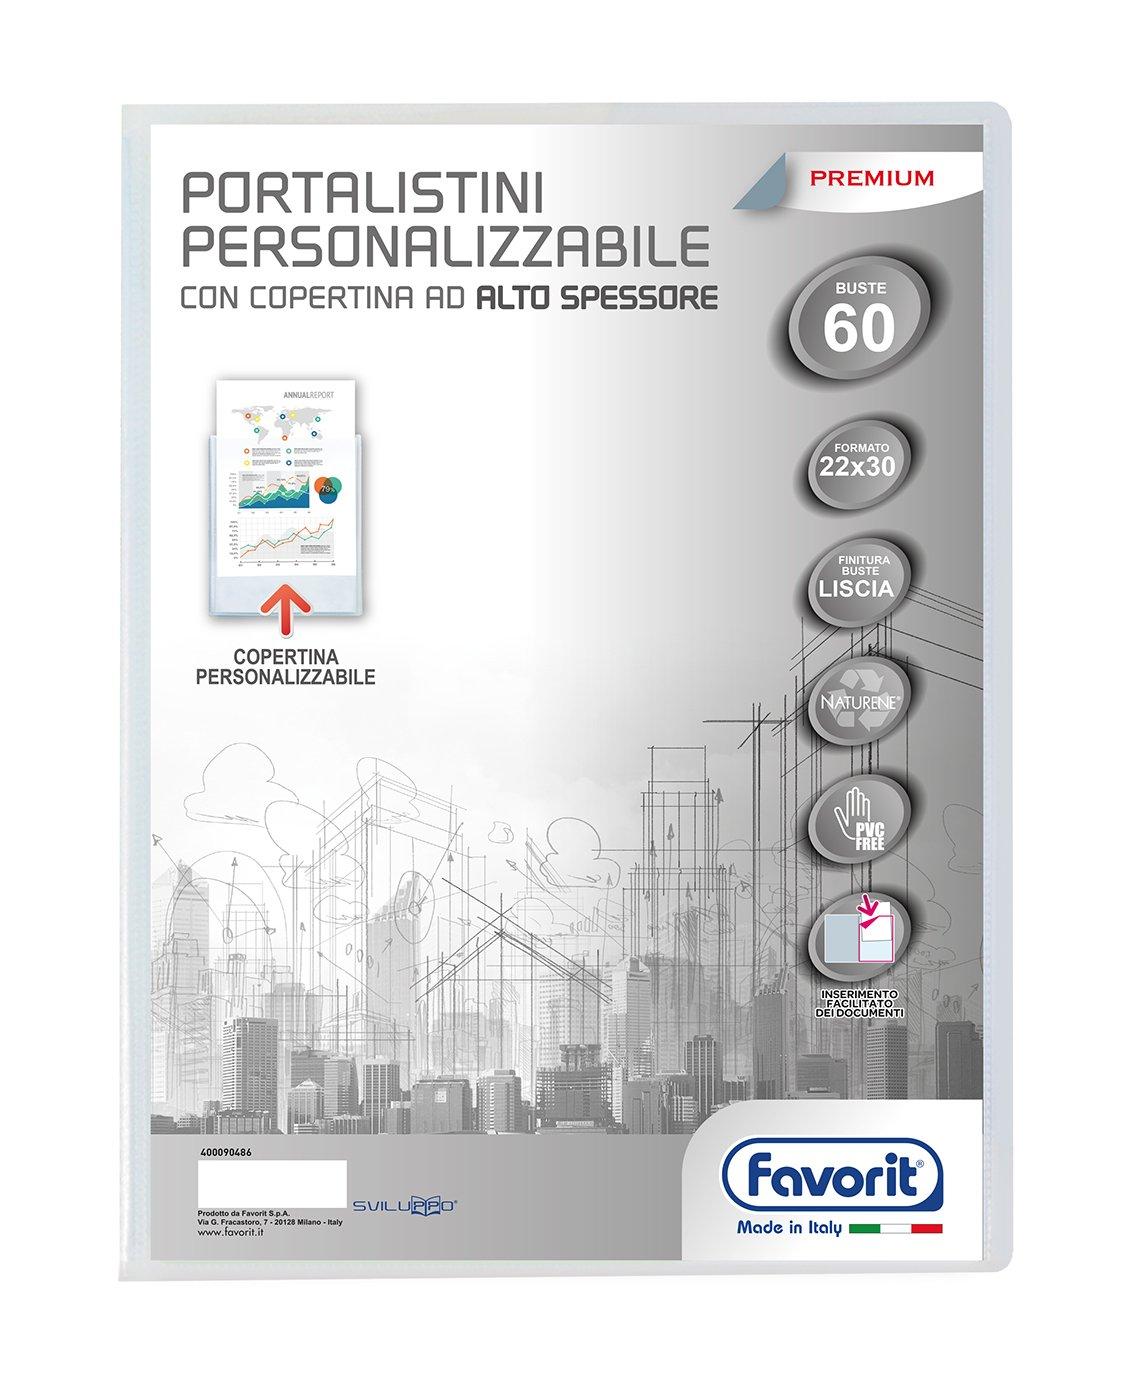 Favorit 400090487 Portalistino Personalizzabile Premium con 80 Buste lisce, Formato Interno 22X30 cm, Copertina ad alto spessore, Trasparente Hamelin Brands